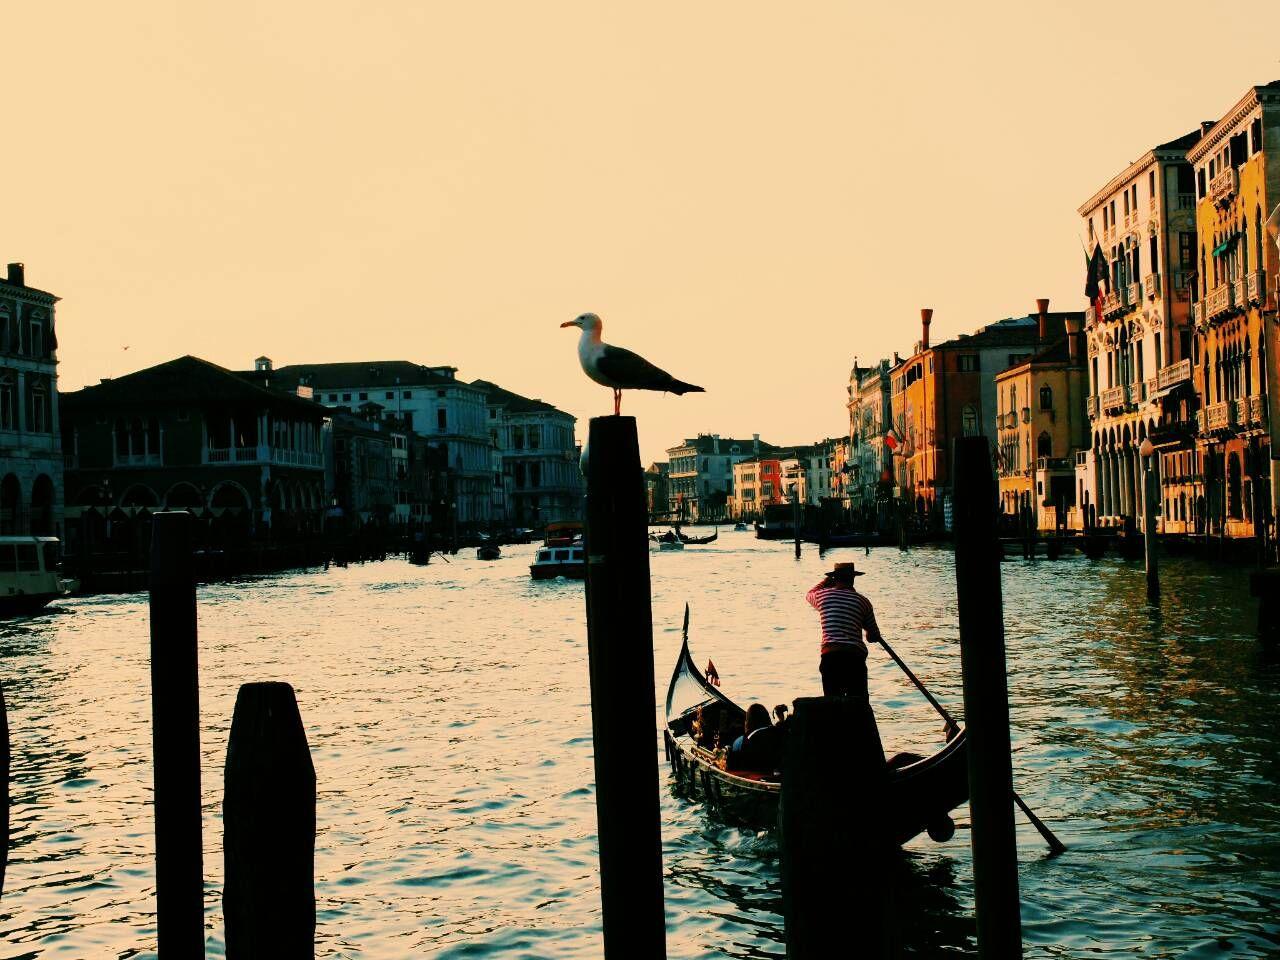 元添乗員直伝!とびきりフォトジェニックなヴェネツィアに出会う方法